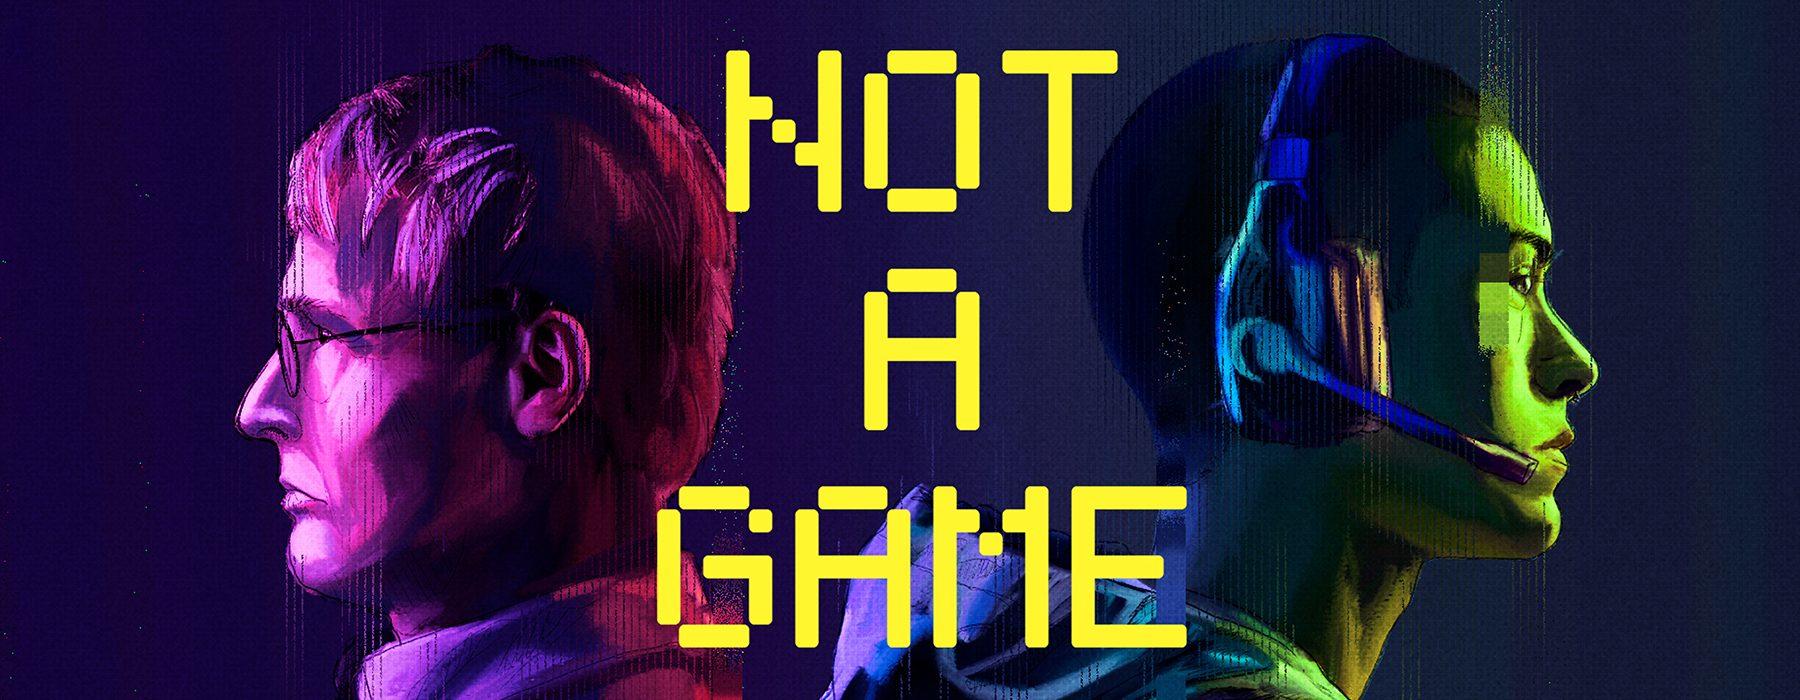 ¿Qué papel tienen los videojuegos en la sociedad?